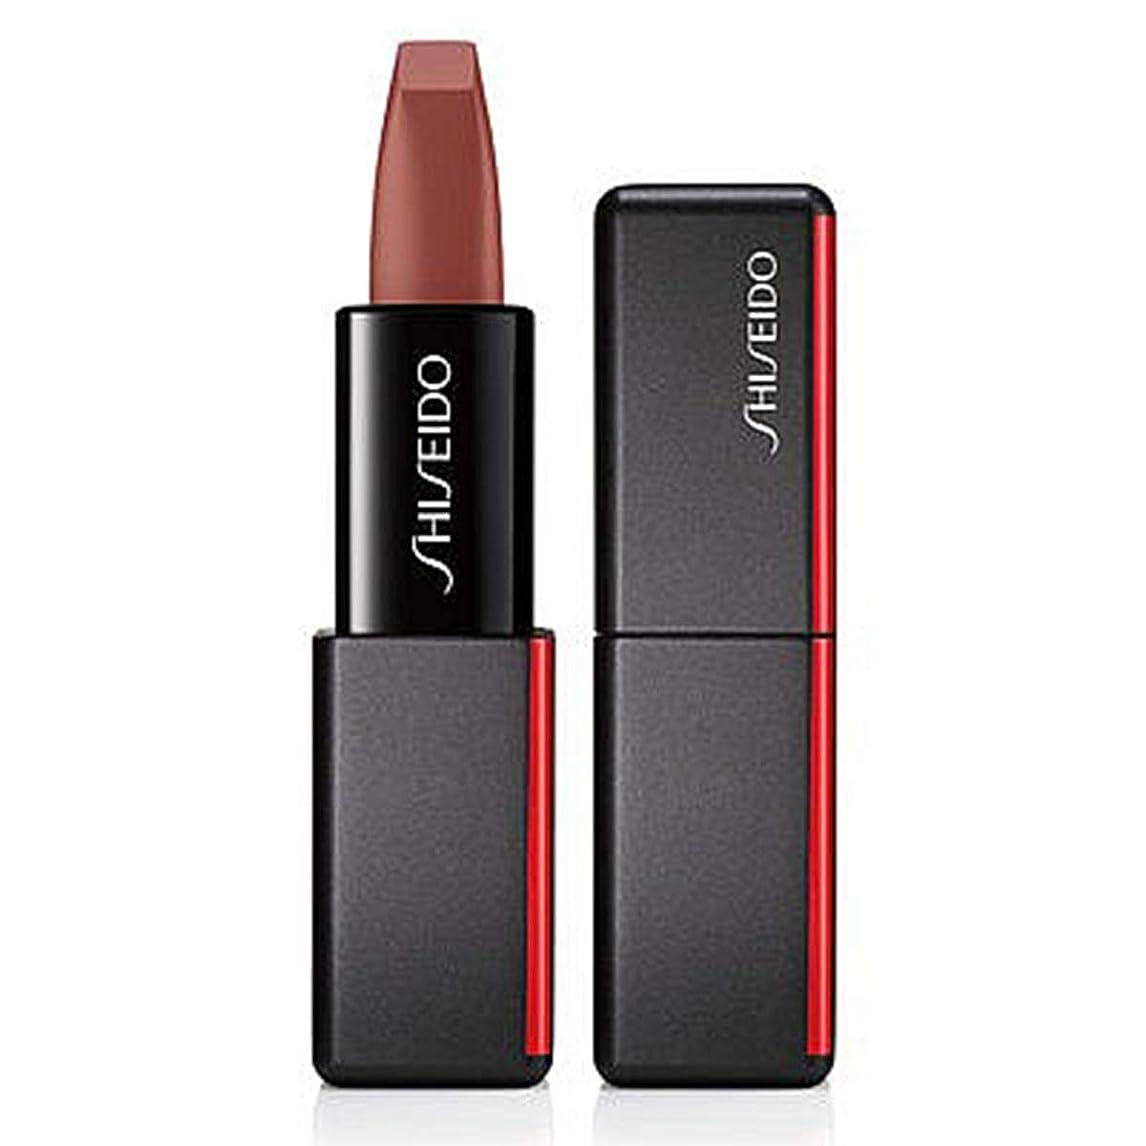 割るオペラシール資生堂 ModernMatte Powder Lipstick - # 507 Murmur (Rosewood) 4g/0.14oz並行輸入品